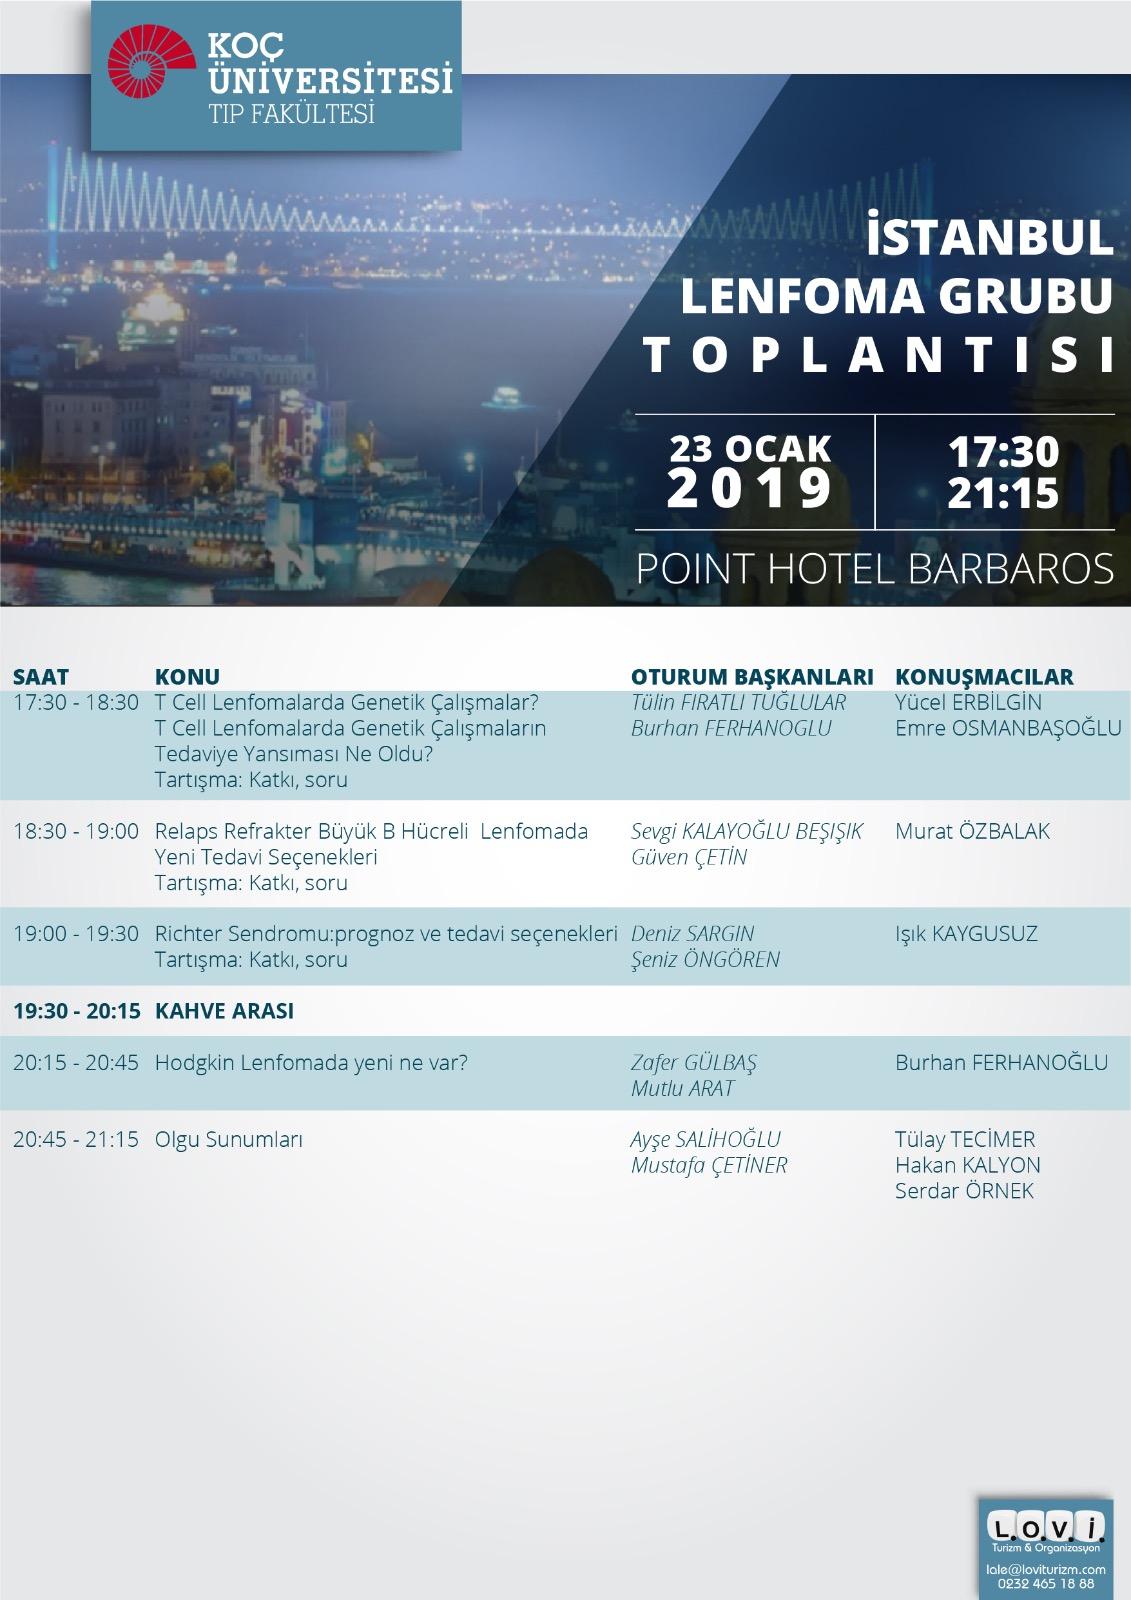 İstanbul Lenfoma Toplantısı